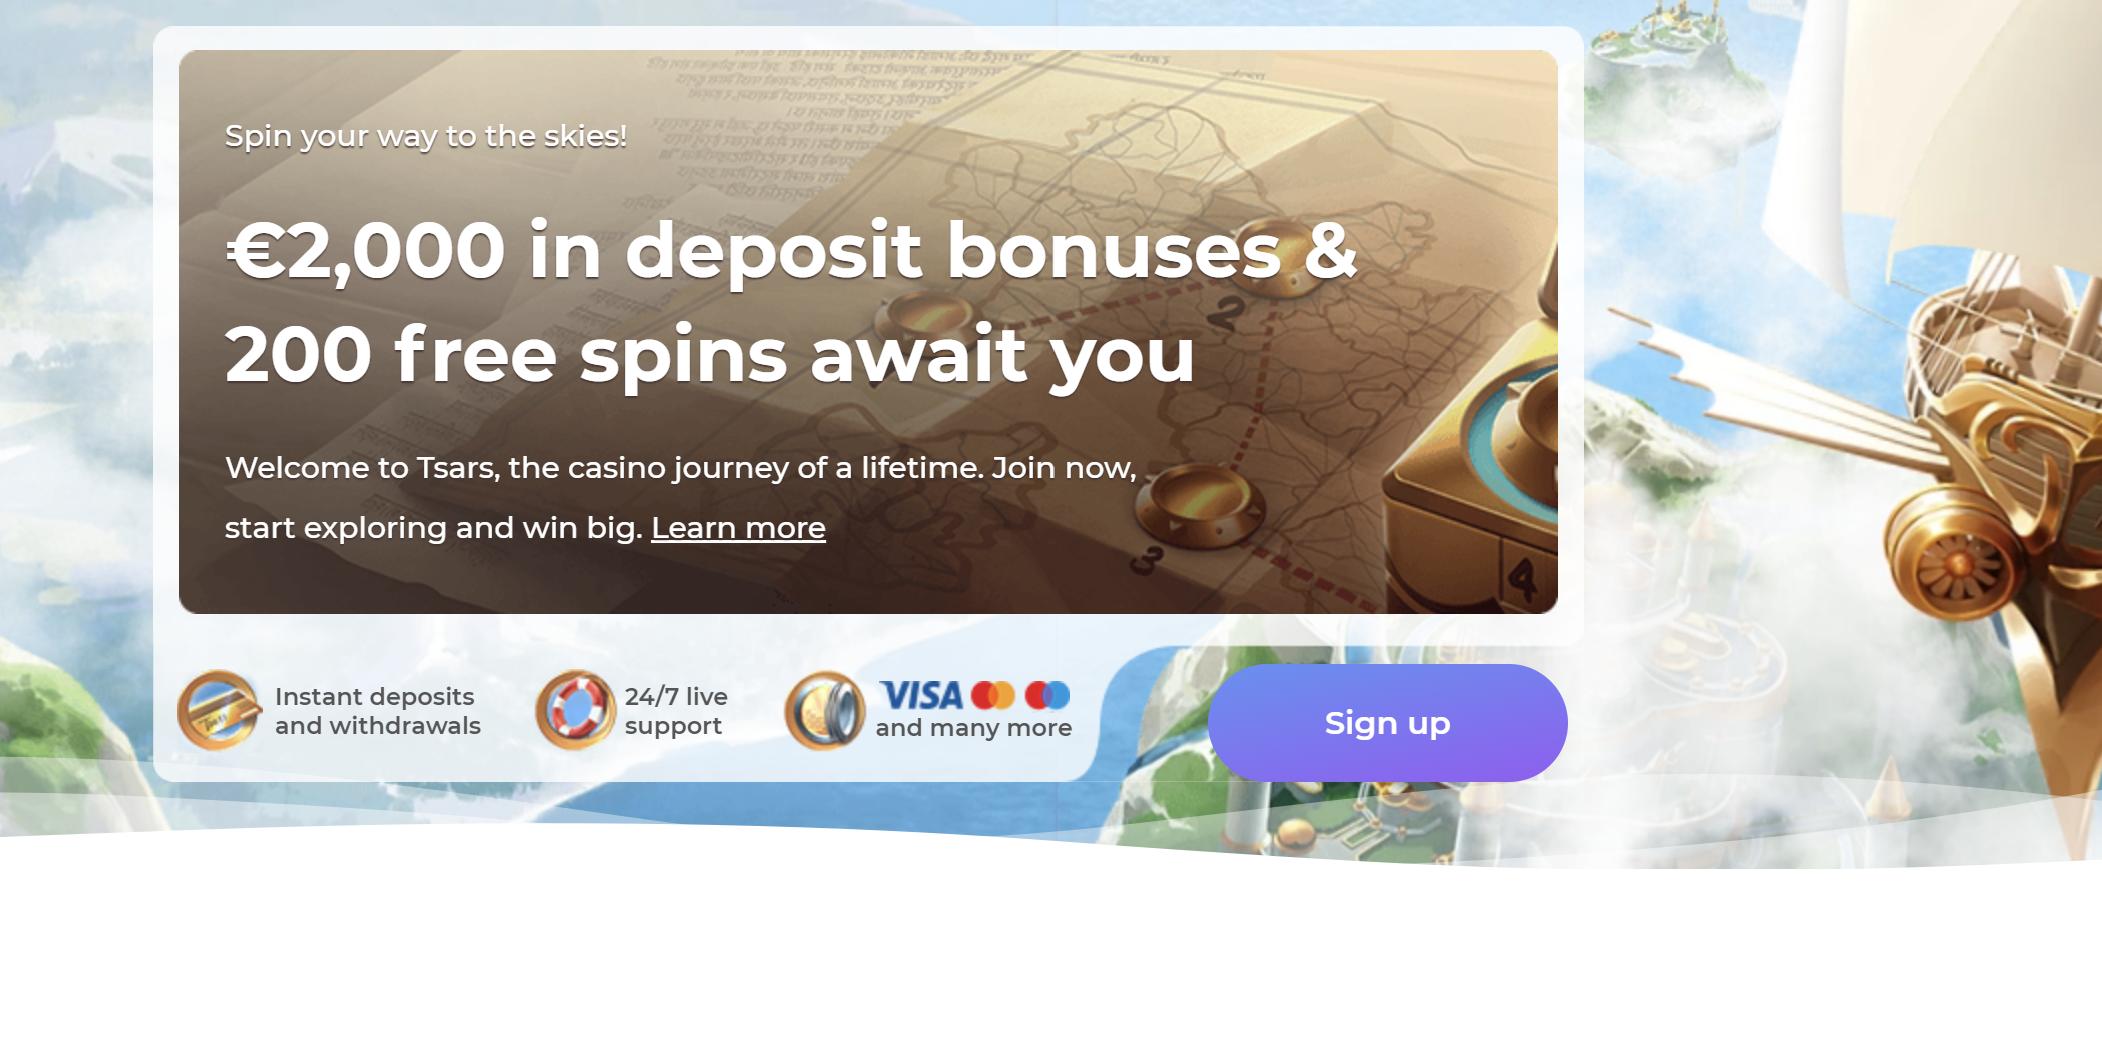 kazino bonusai premija be depozito - tsars casino sukimai be įnašo no deposit casino bonus